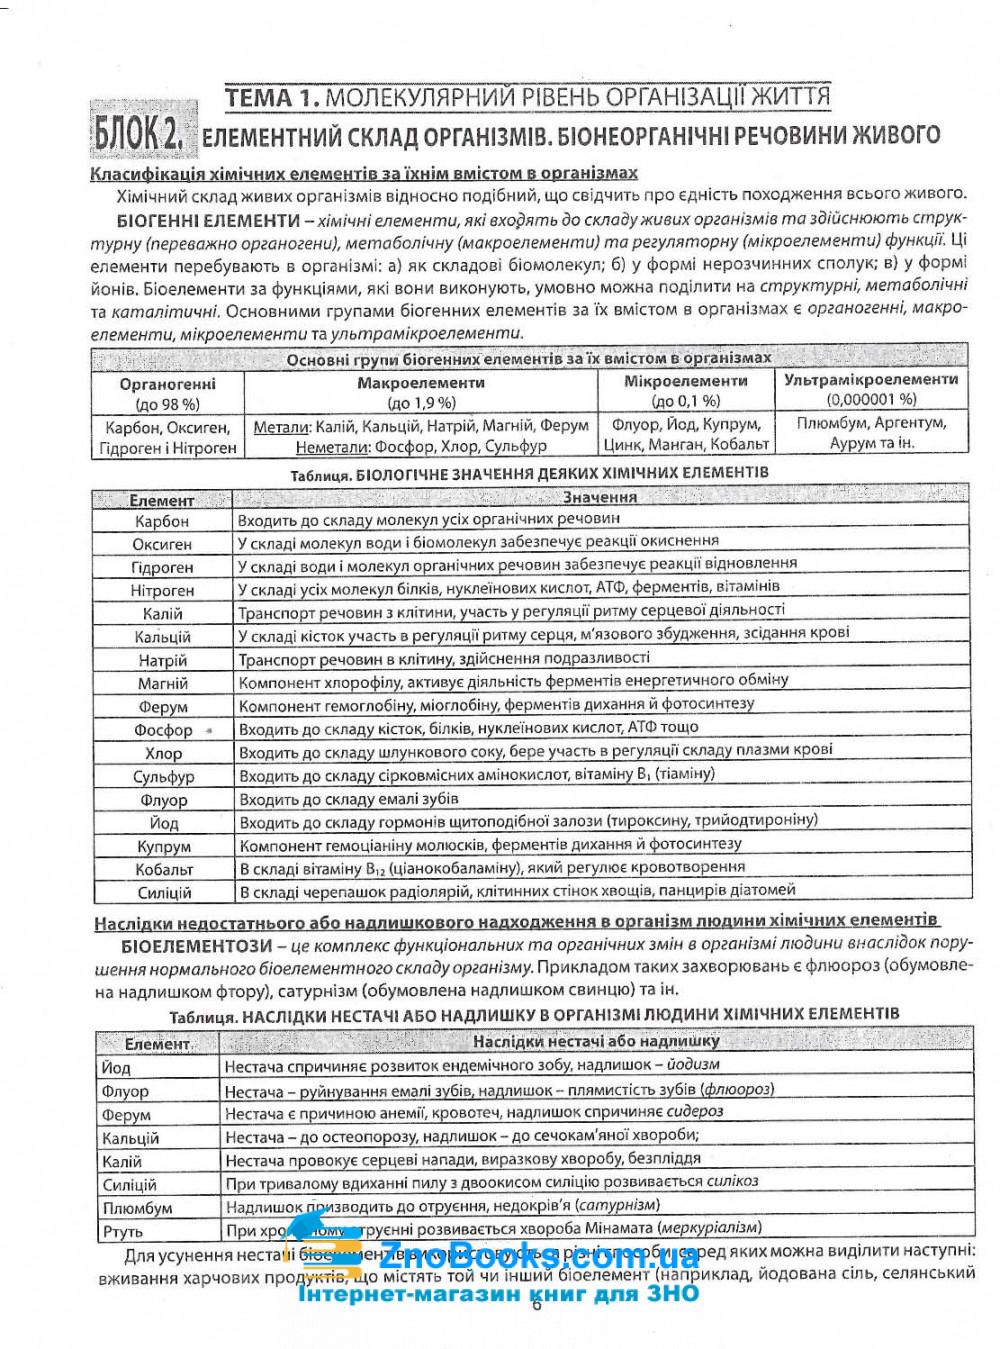 Соболь В. Репетитор з біології до ЗНО 2021 : видавництво Абетка. купити 6